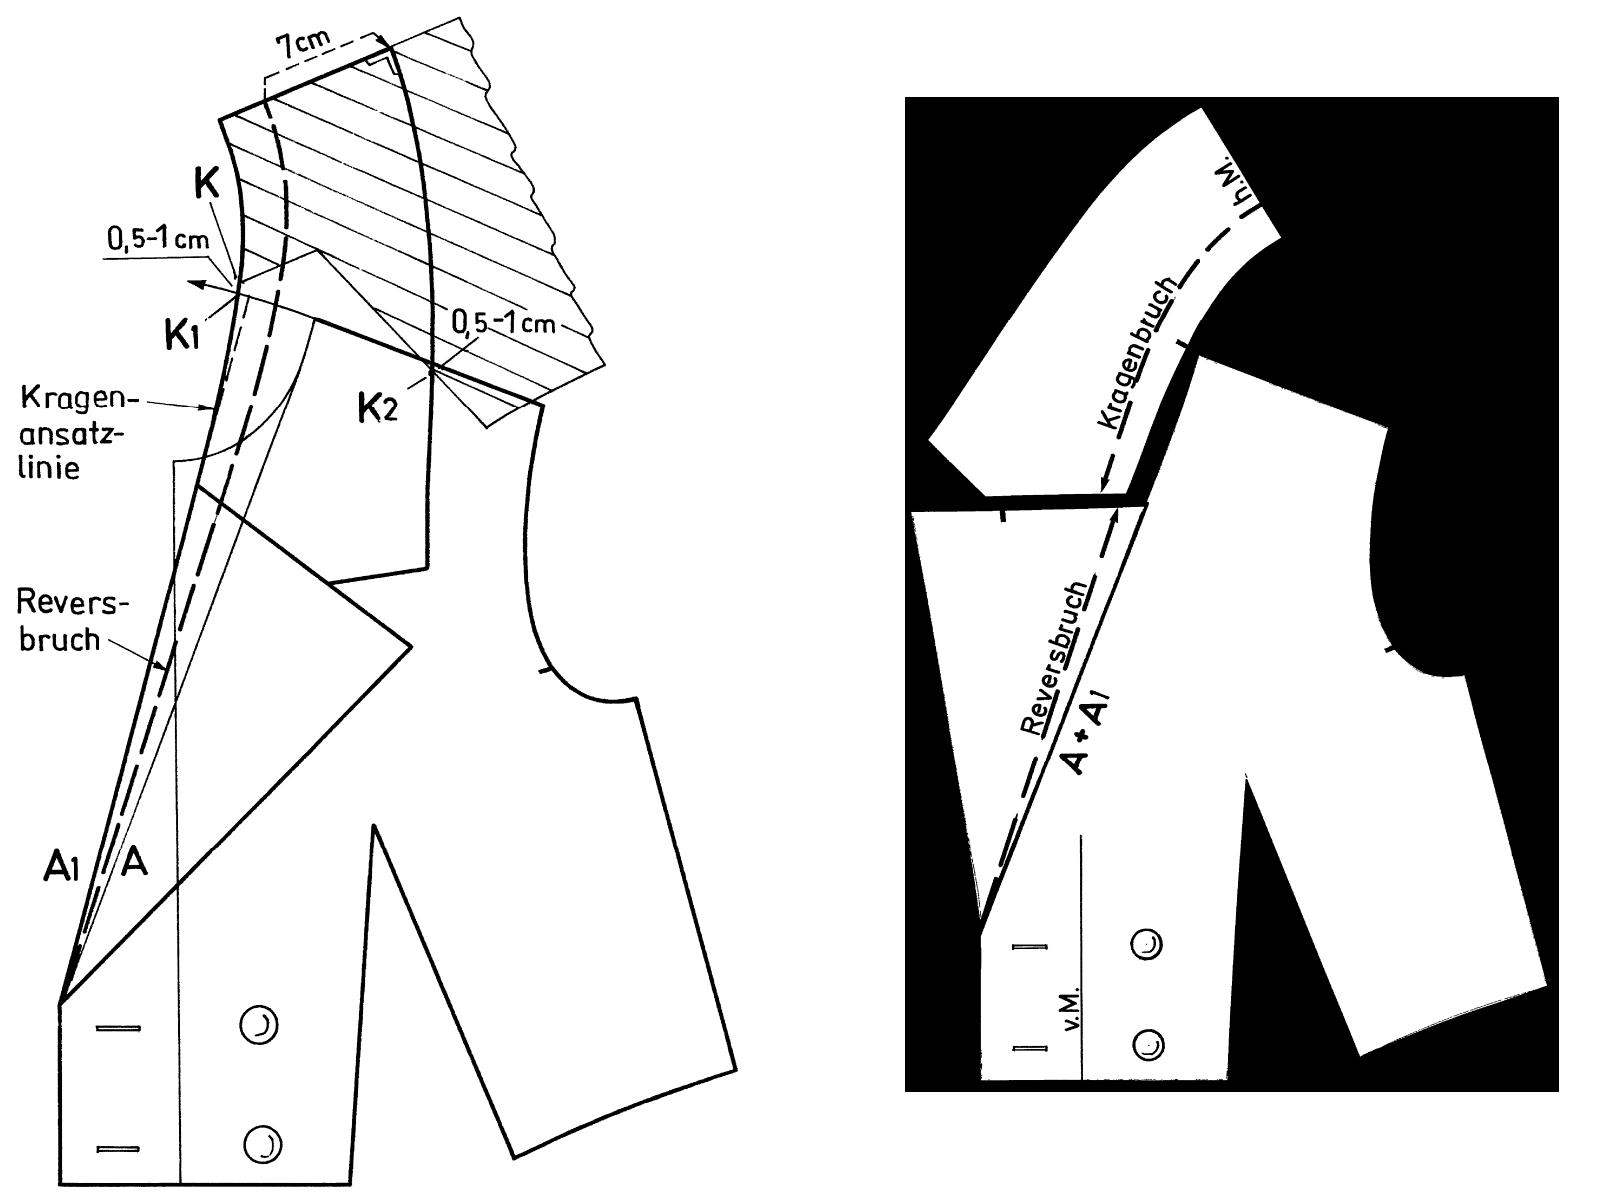 Zu sehen ist die Schnittkonstruktion eines Reverskragens in Form eines Doppelreihers plus fertiges Schnittteil.